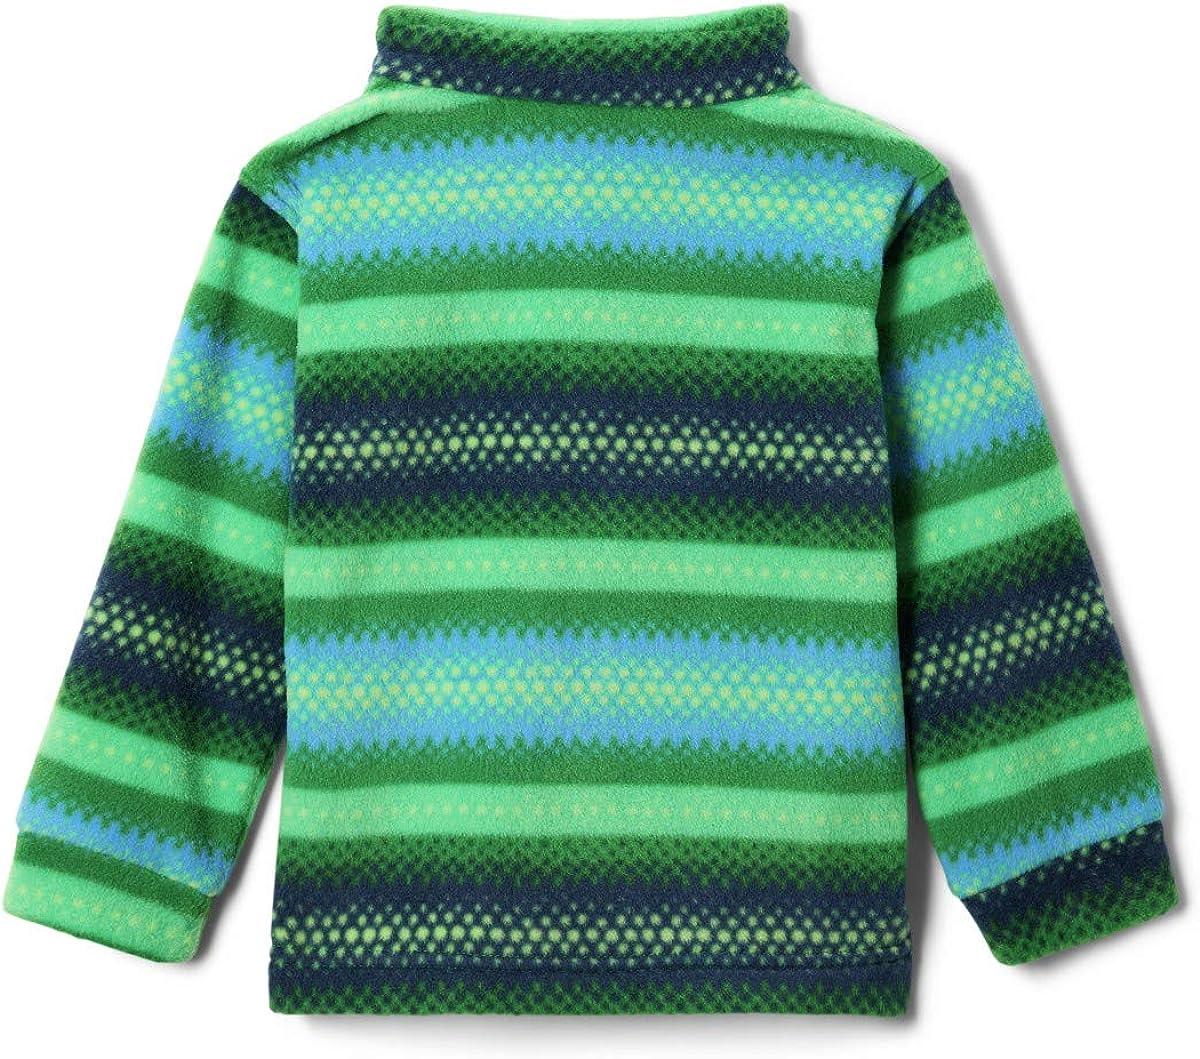 Columbia Baby Zing Iii Fleece Jacket